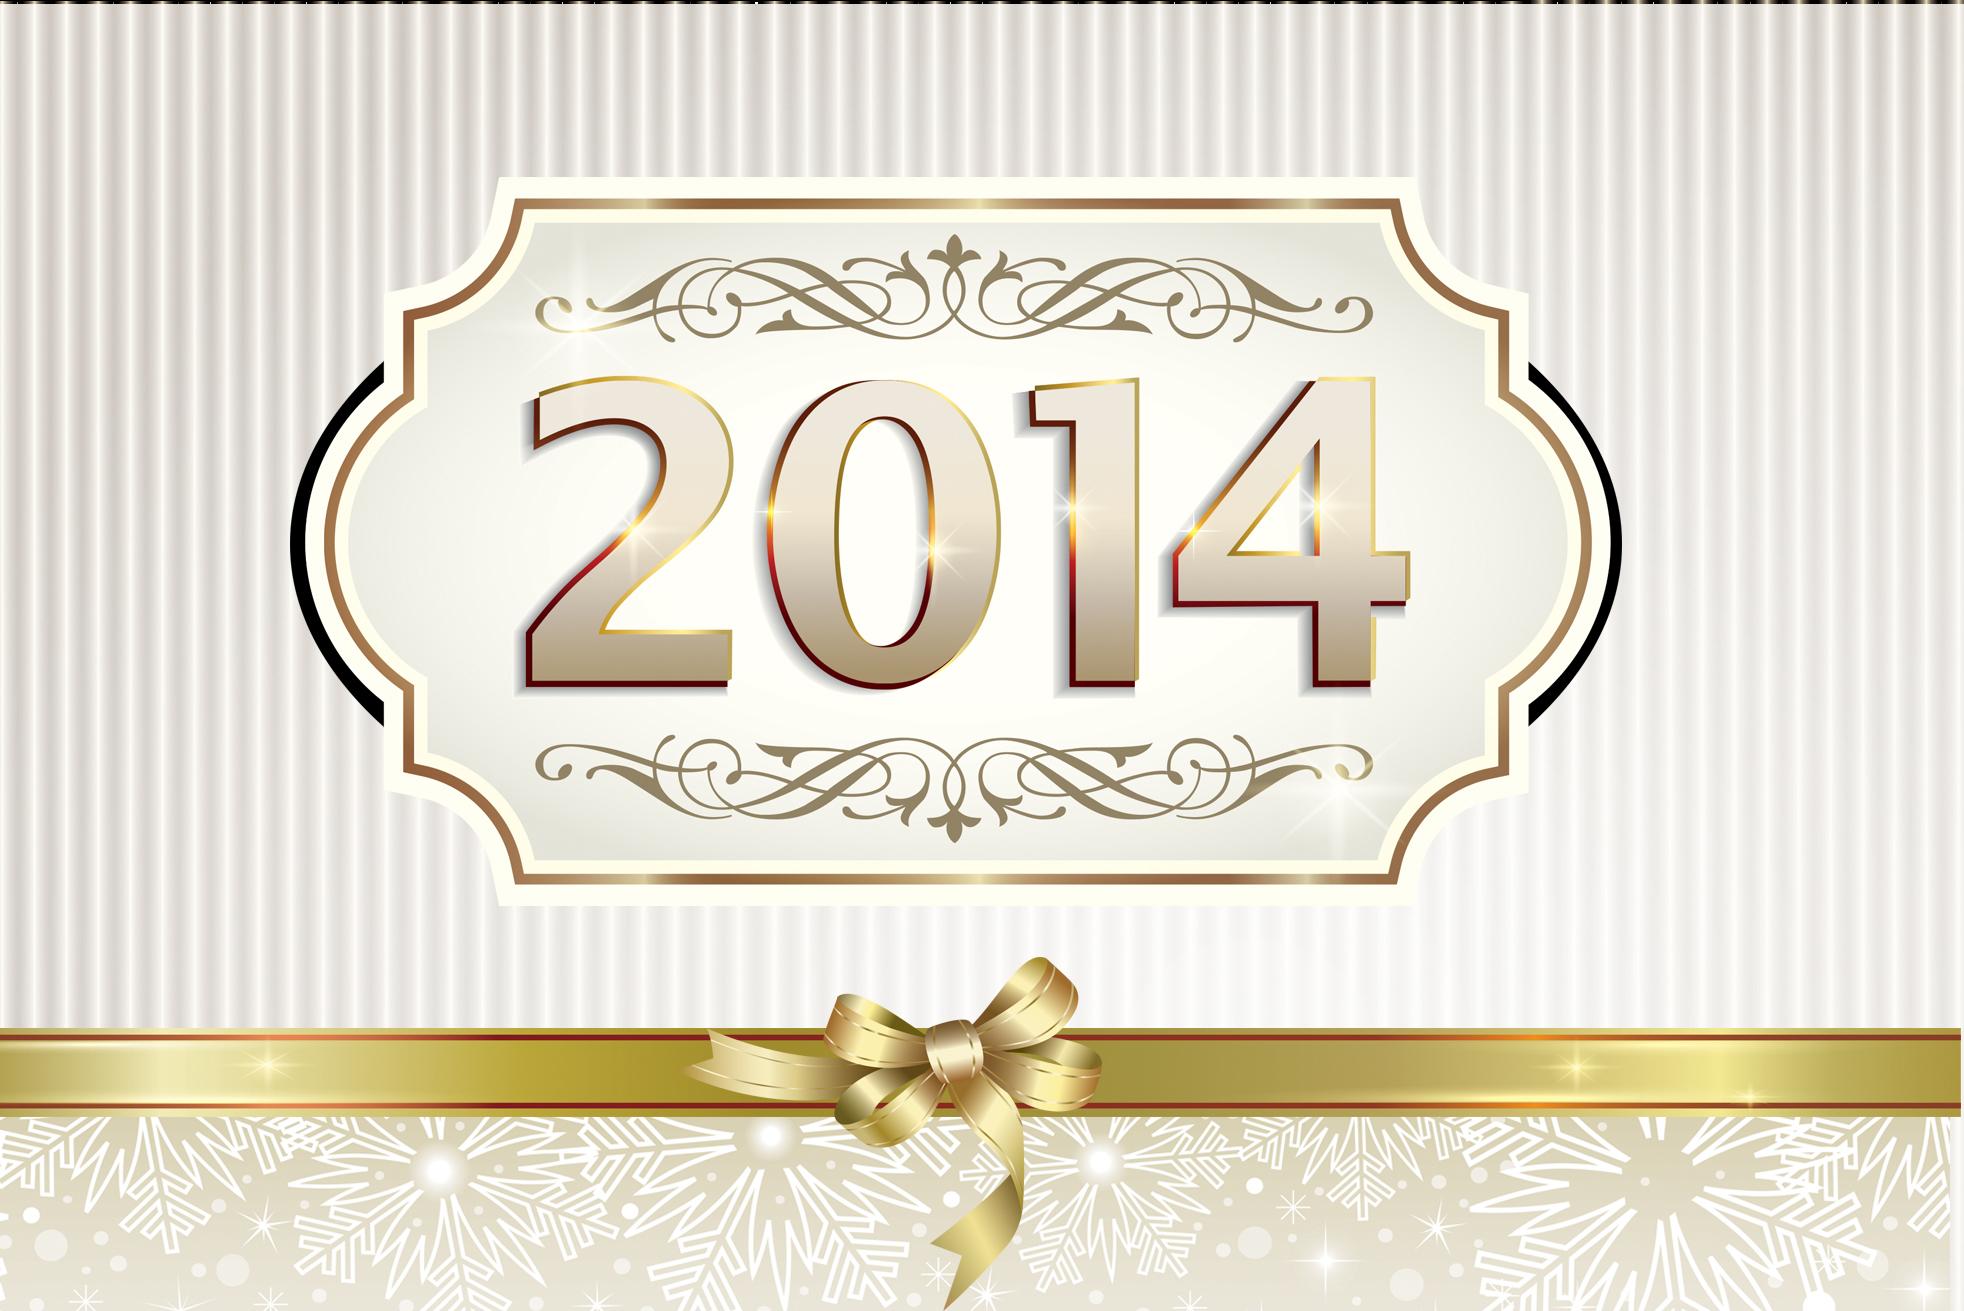 Moldura Convite e Cartão Ano Novo Revelion Branco, Dourado e Cinza: